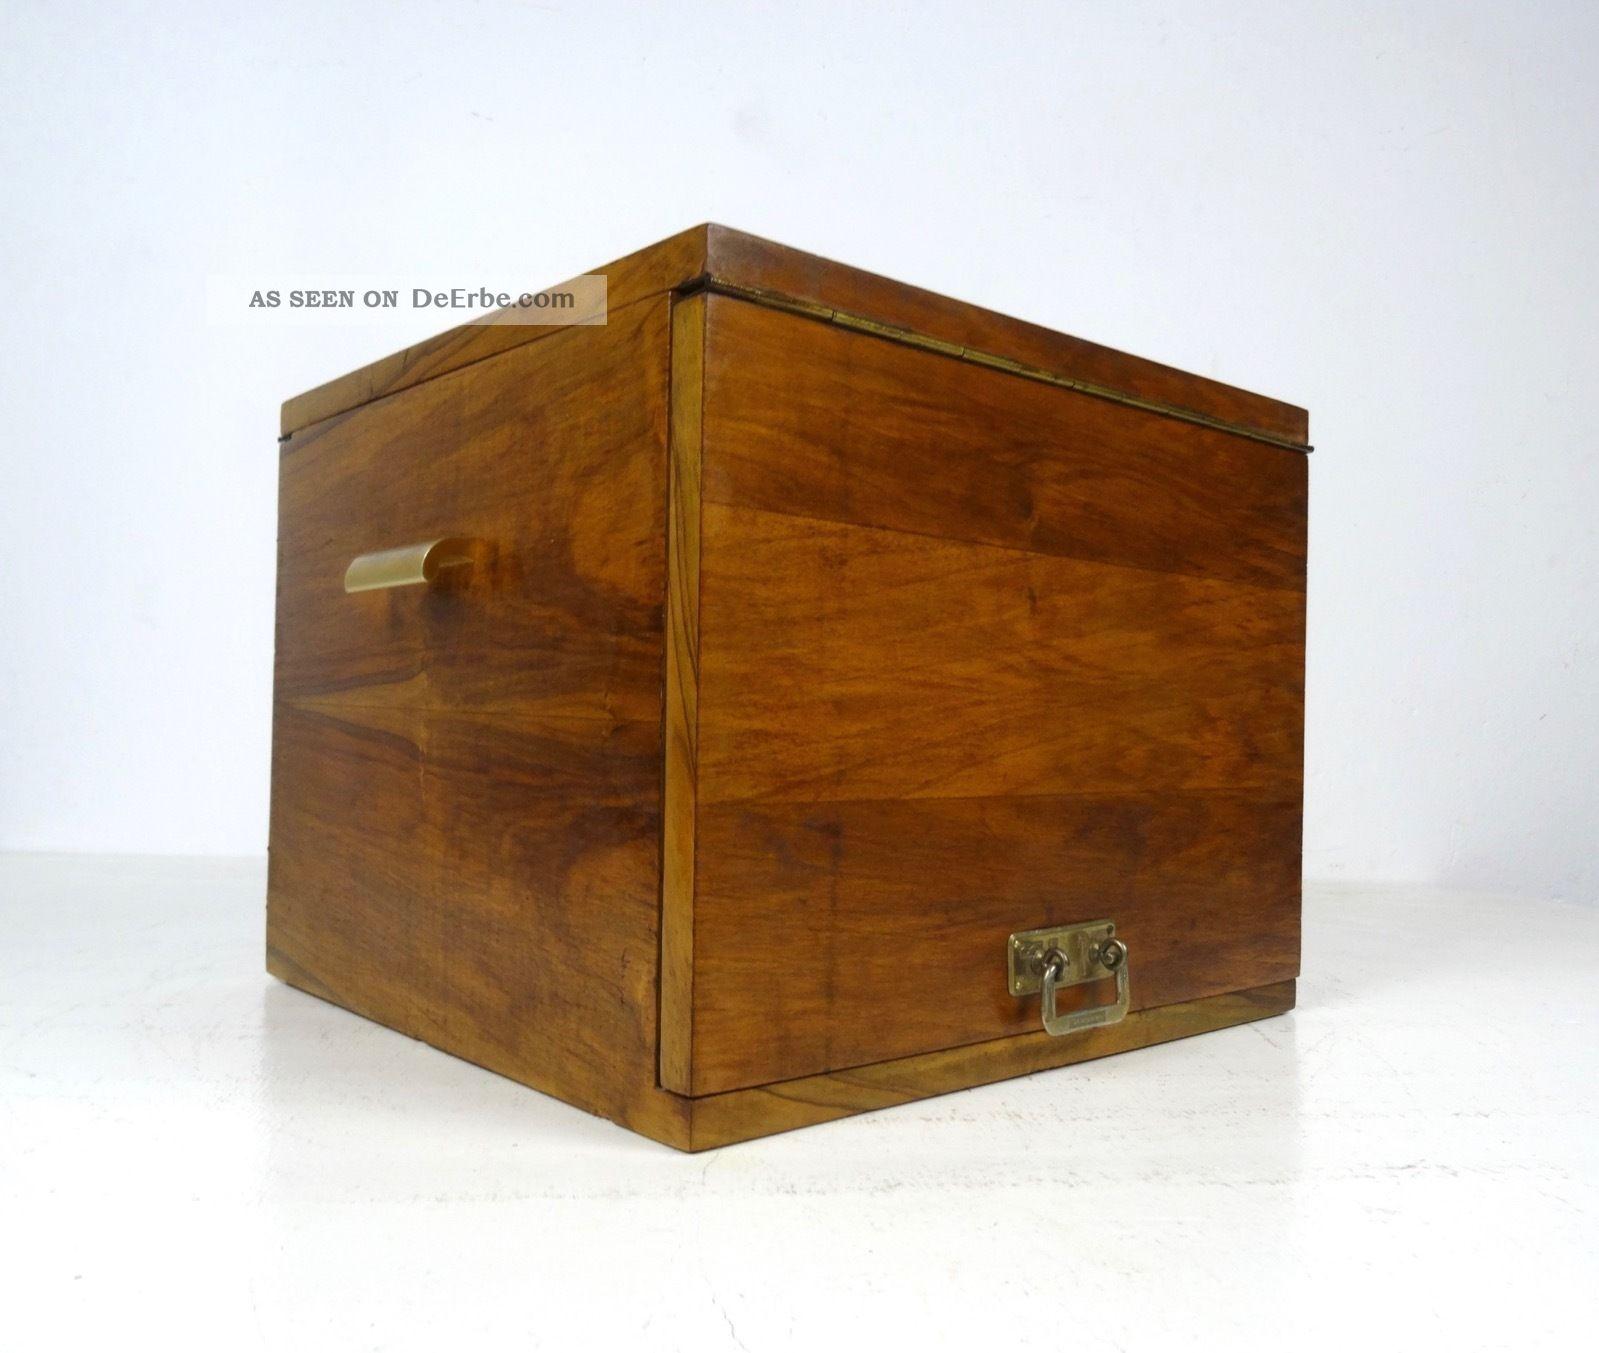 Kubistisches 30er Utensilo Art Deco Nußbaum Furnier 1930 Ablage Antik BÜro 1920-1949, Art Déco Bild